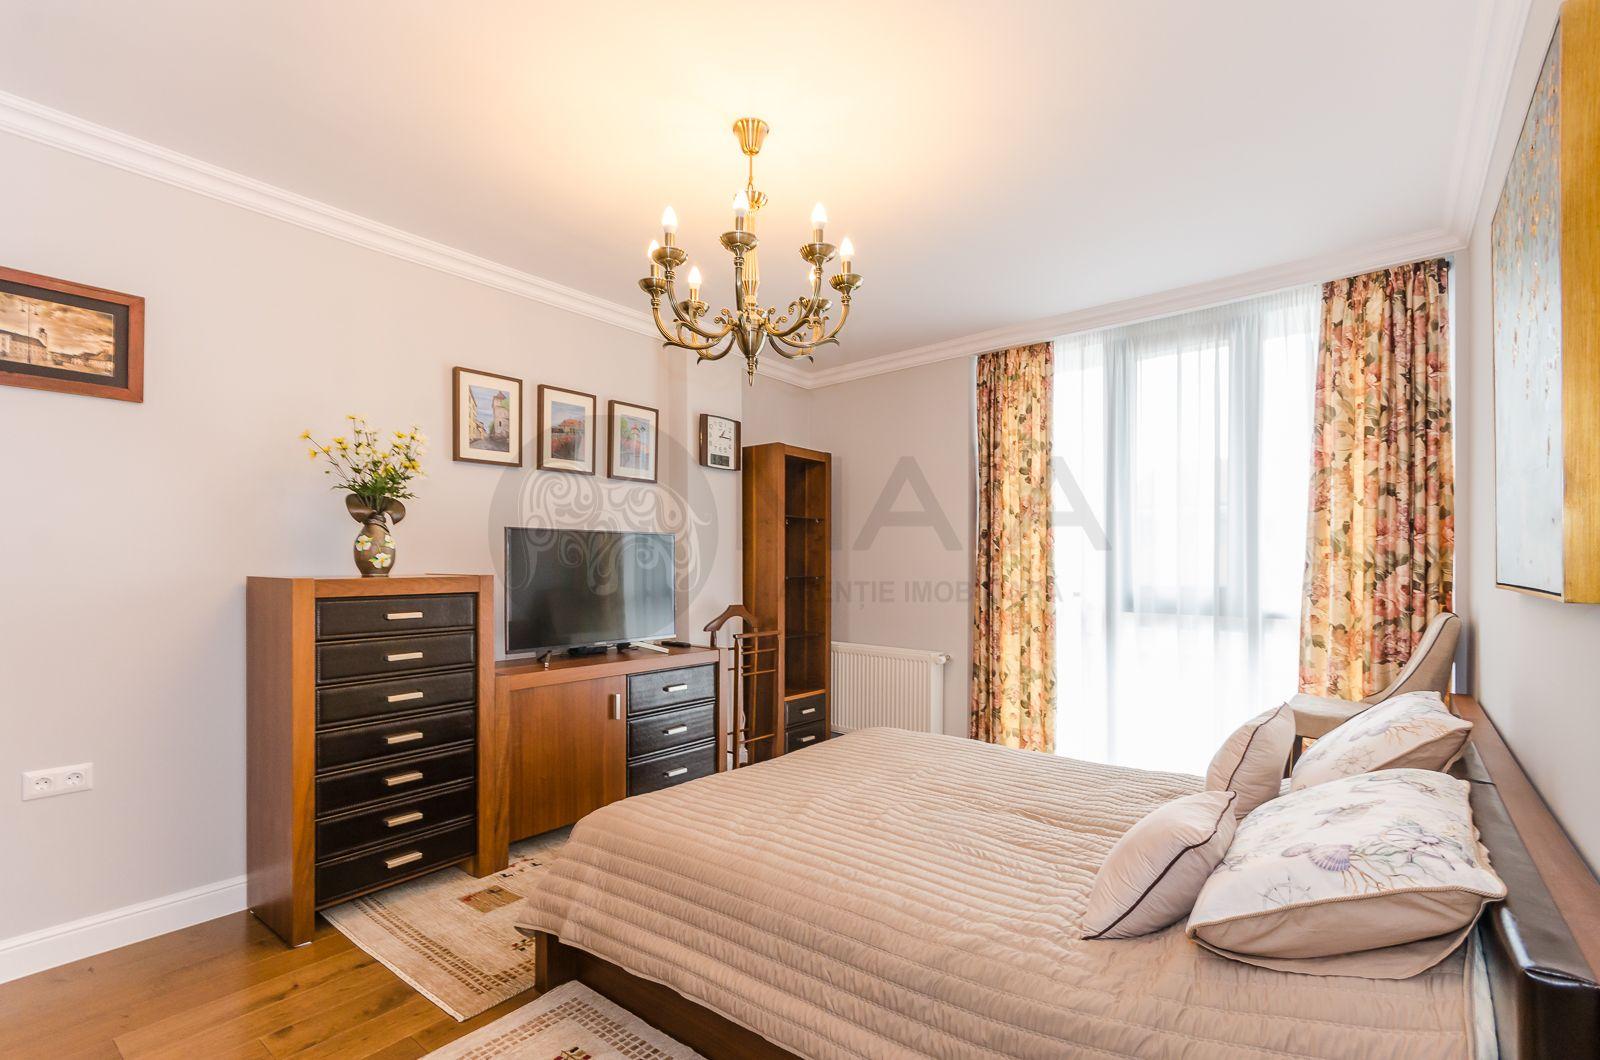 Apartament 3 camere, 3 bai, 100mp, garaj, bloc nou, 2 min de Sub Arini